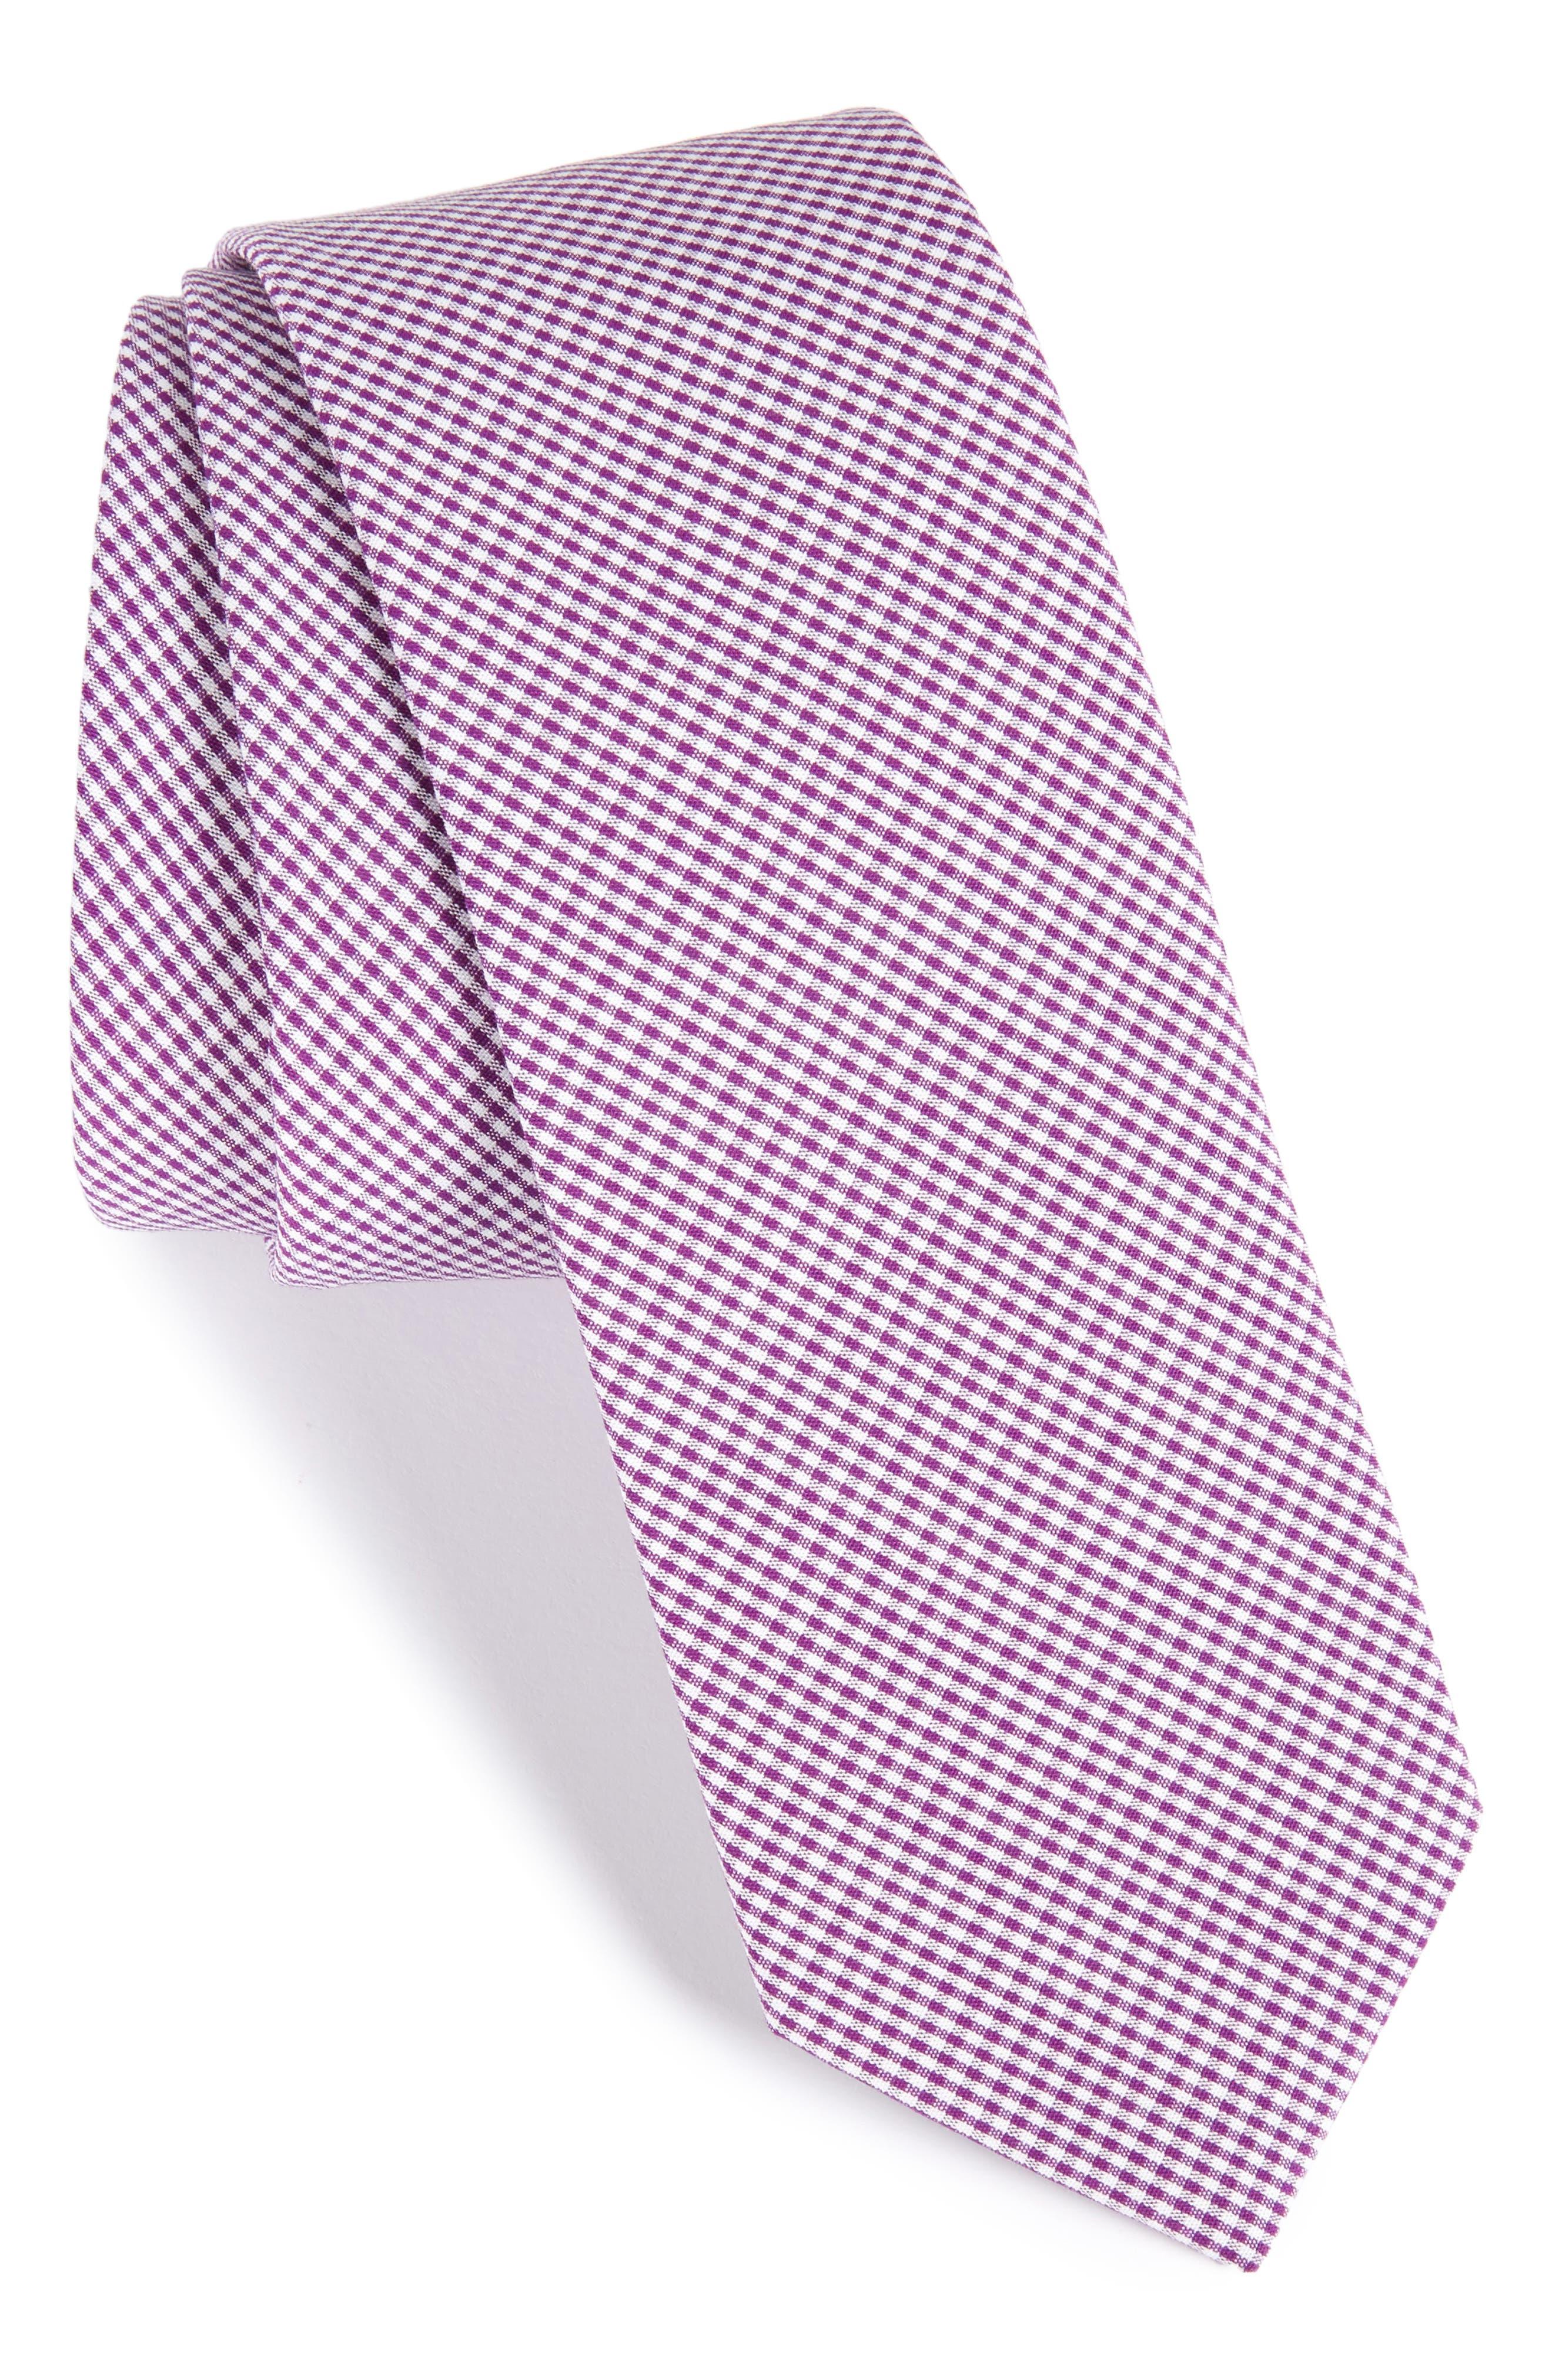 Check Cotton Tie,                             Main thumbnail 8, color,